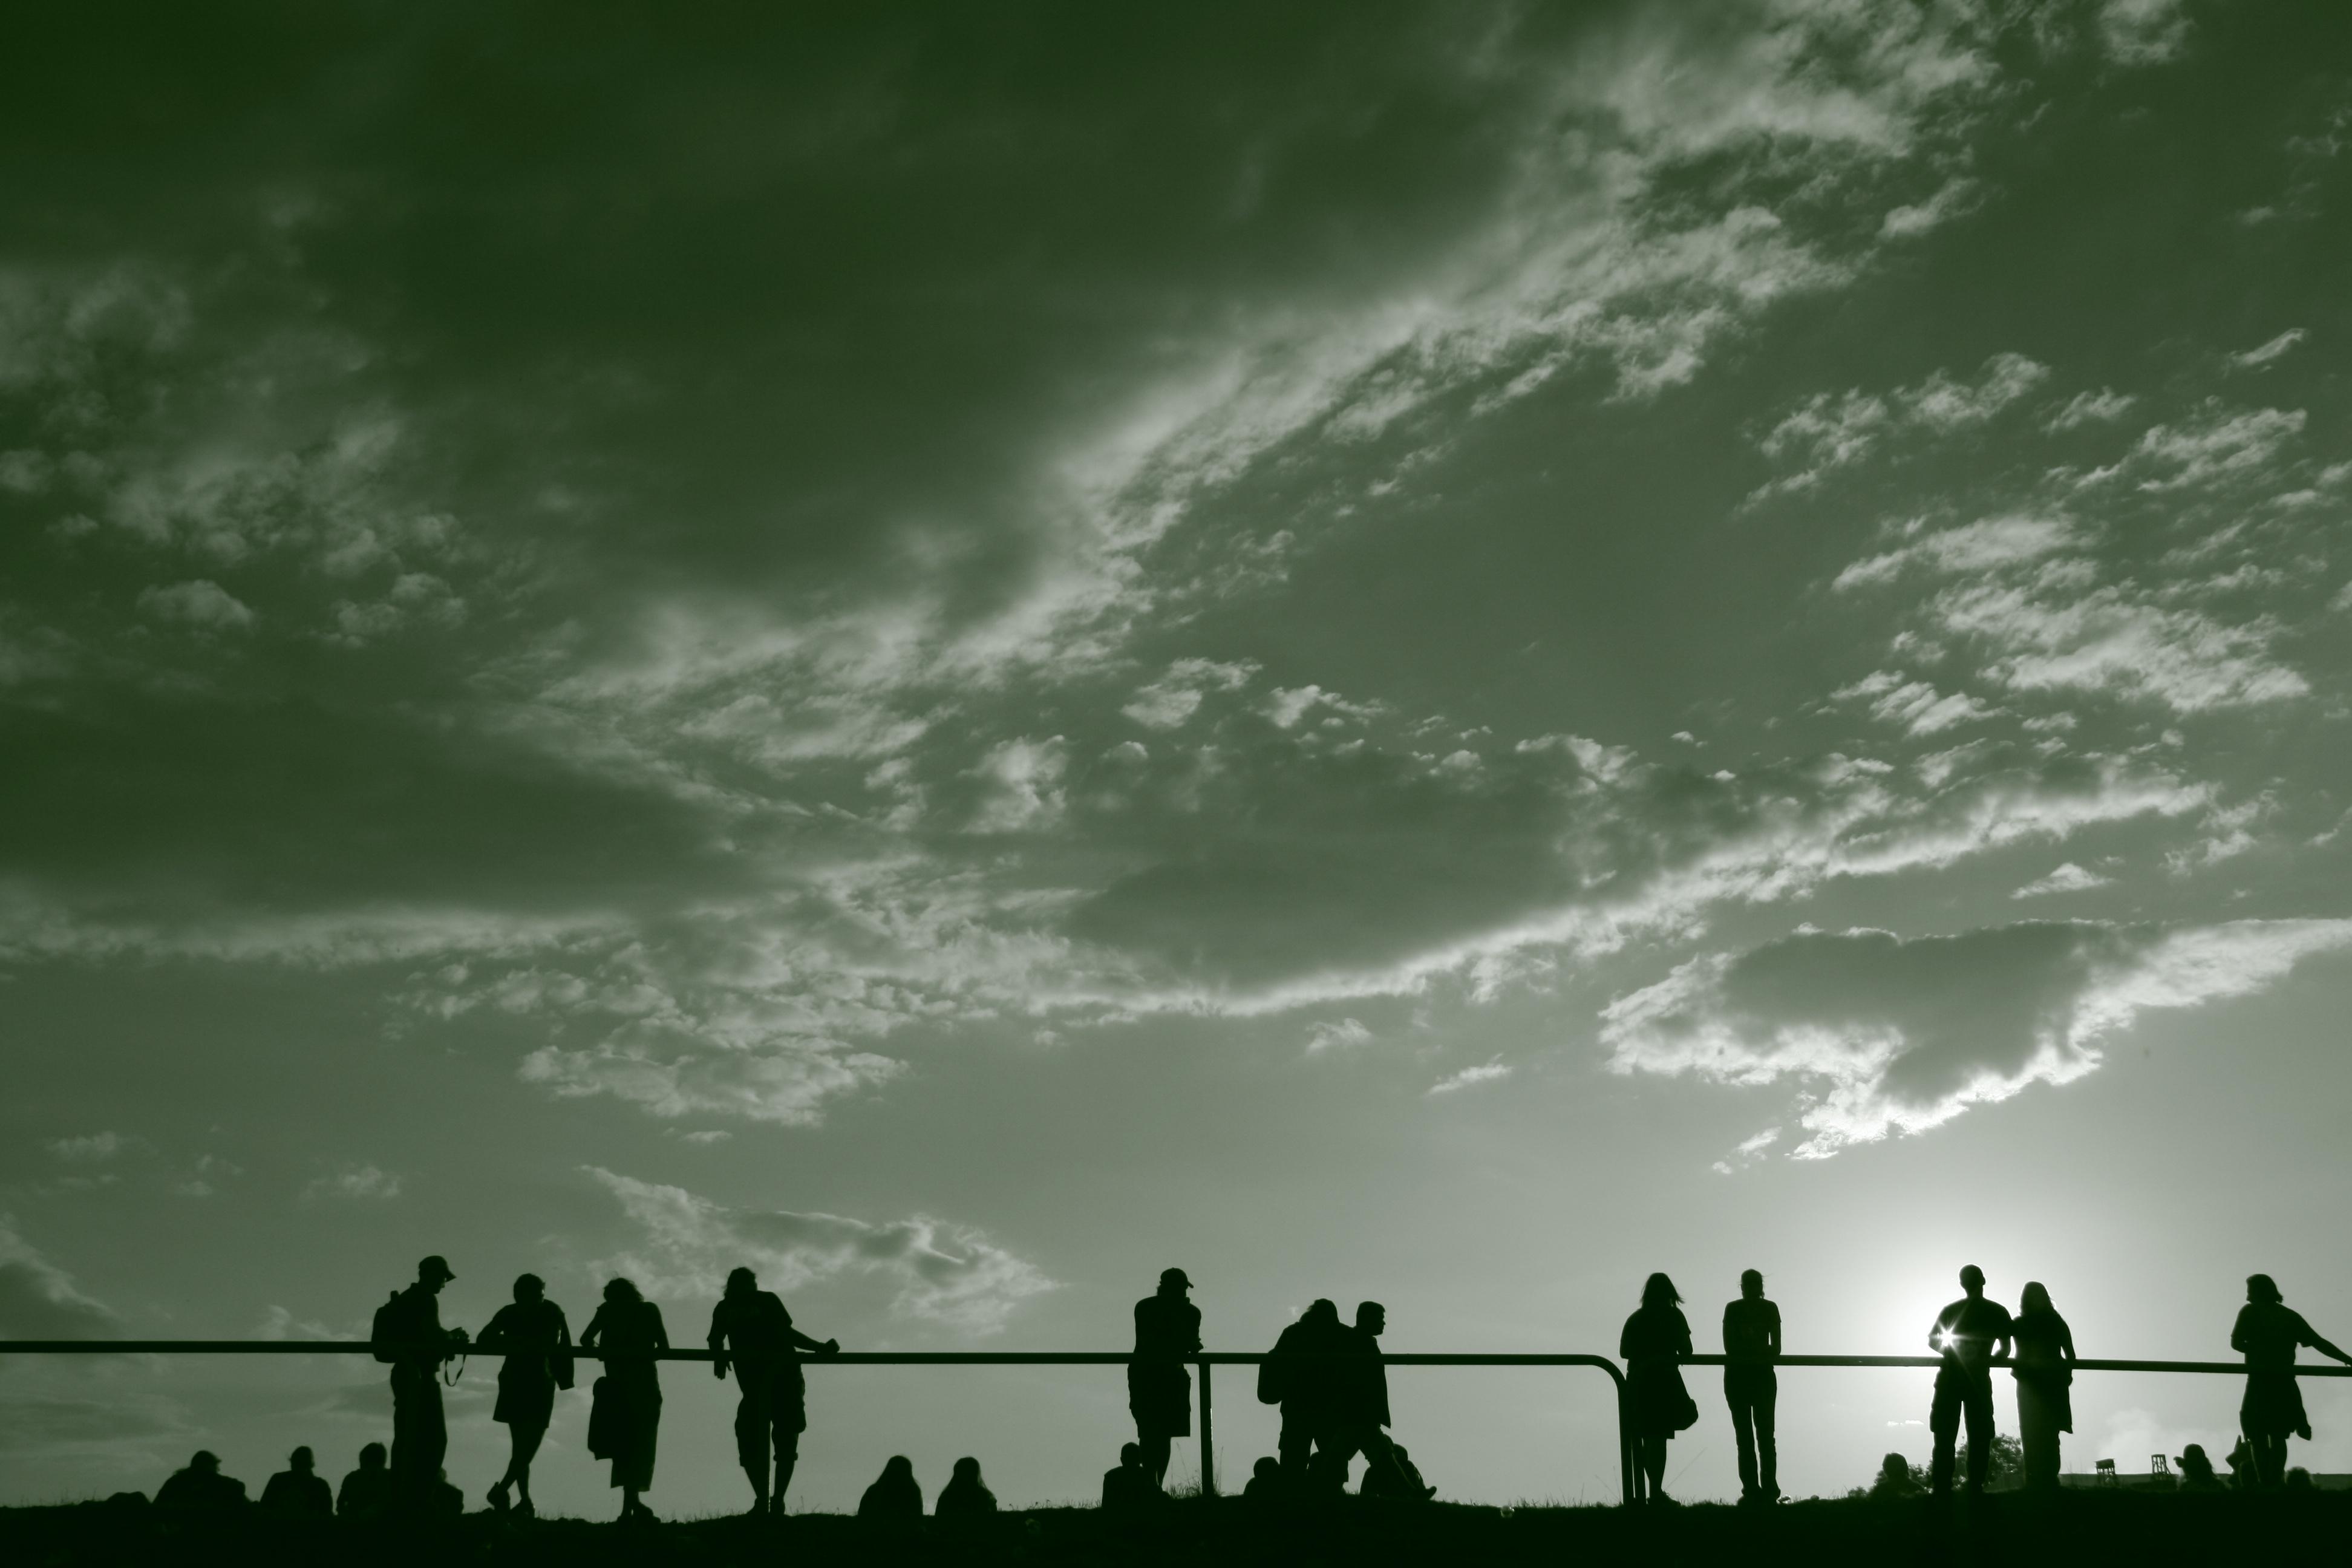 005_festivalove.jpg